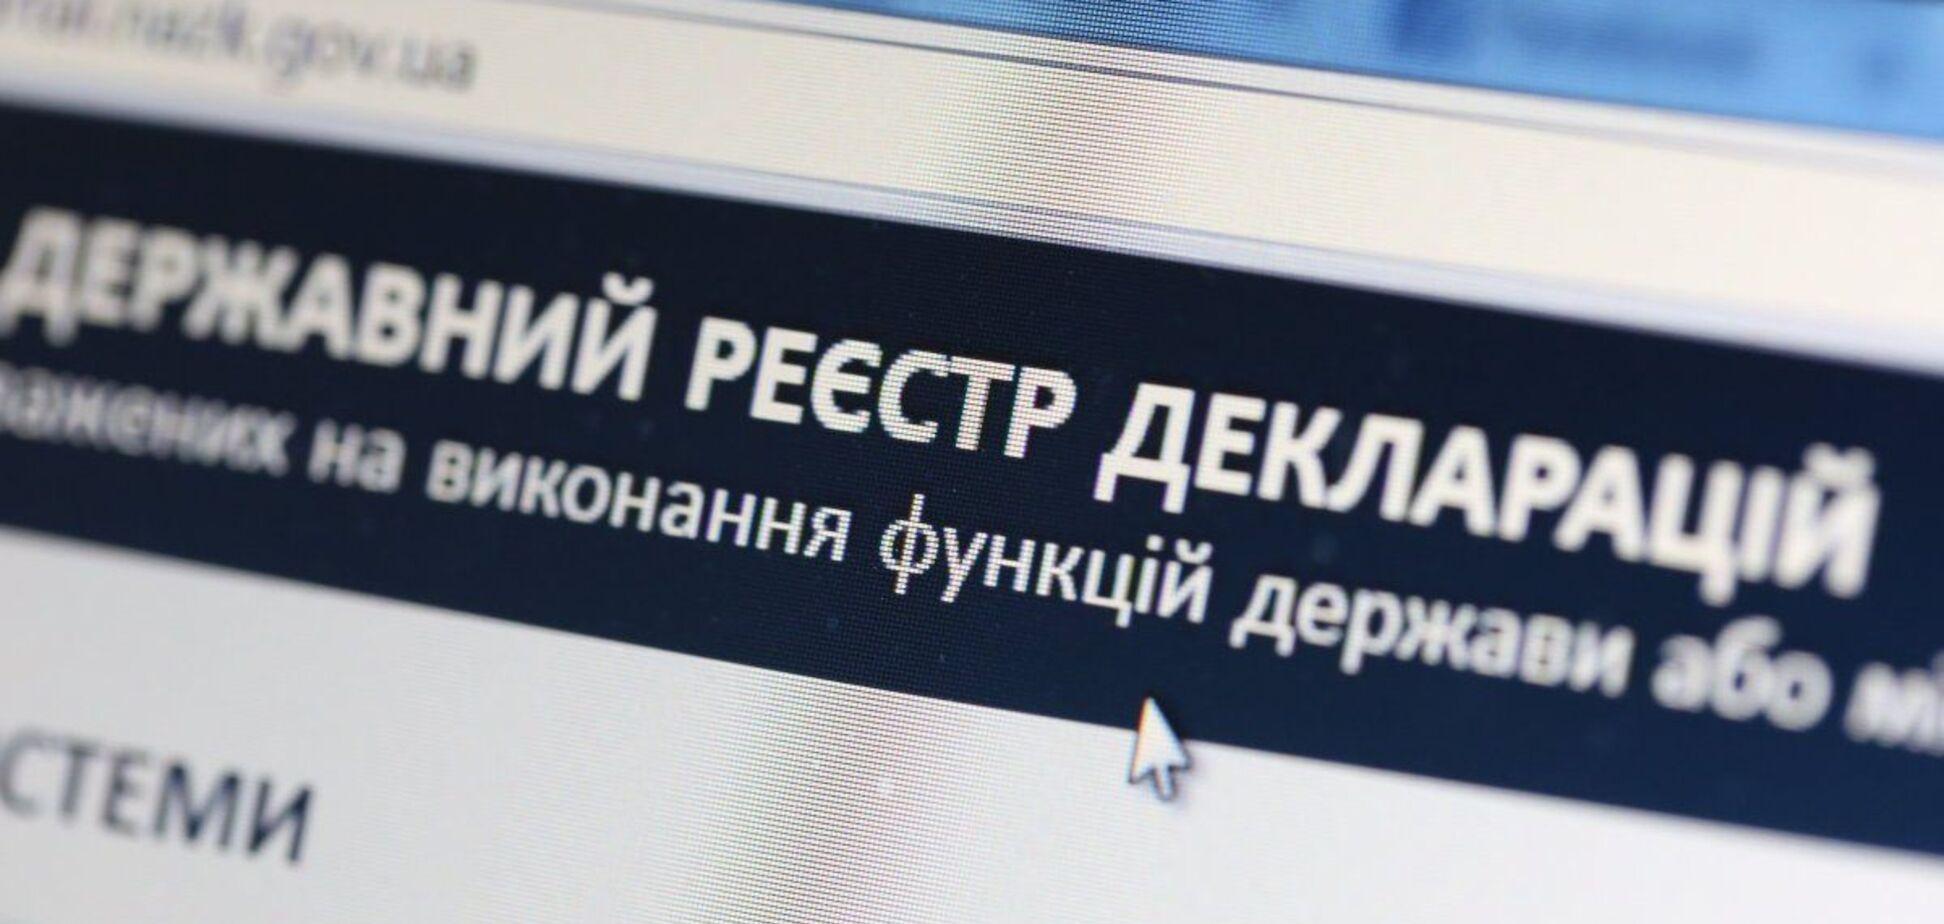 Комітет Ради порекомендував скасувати е-декларації для громадських активістів